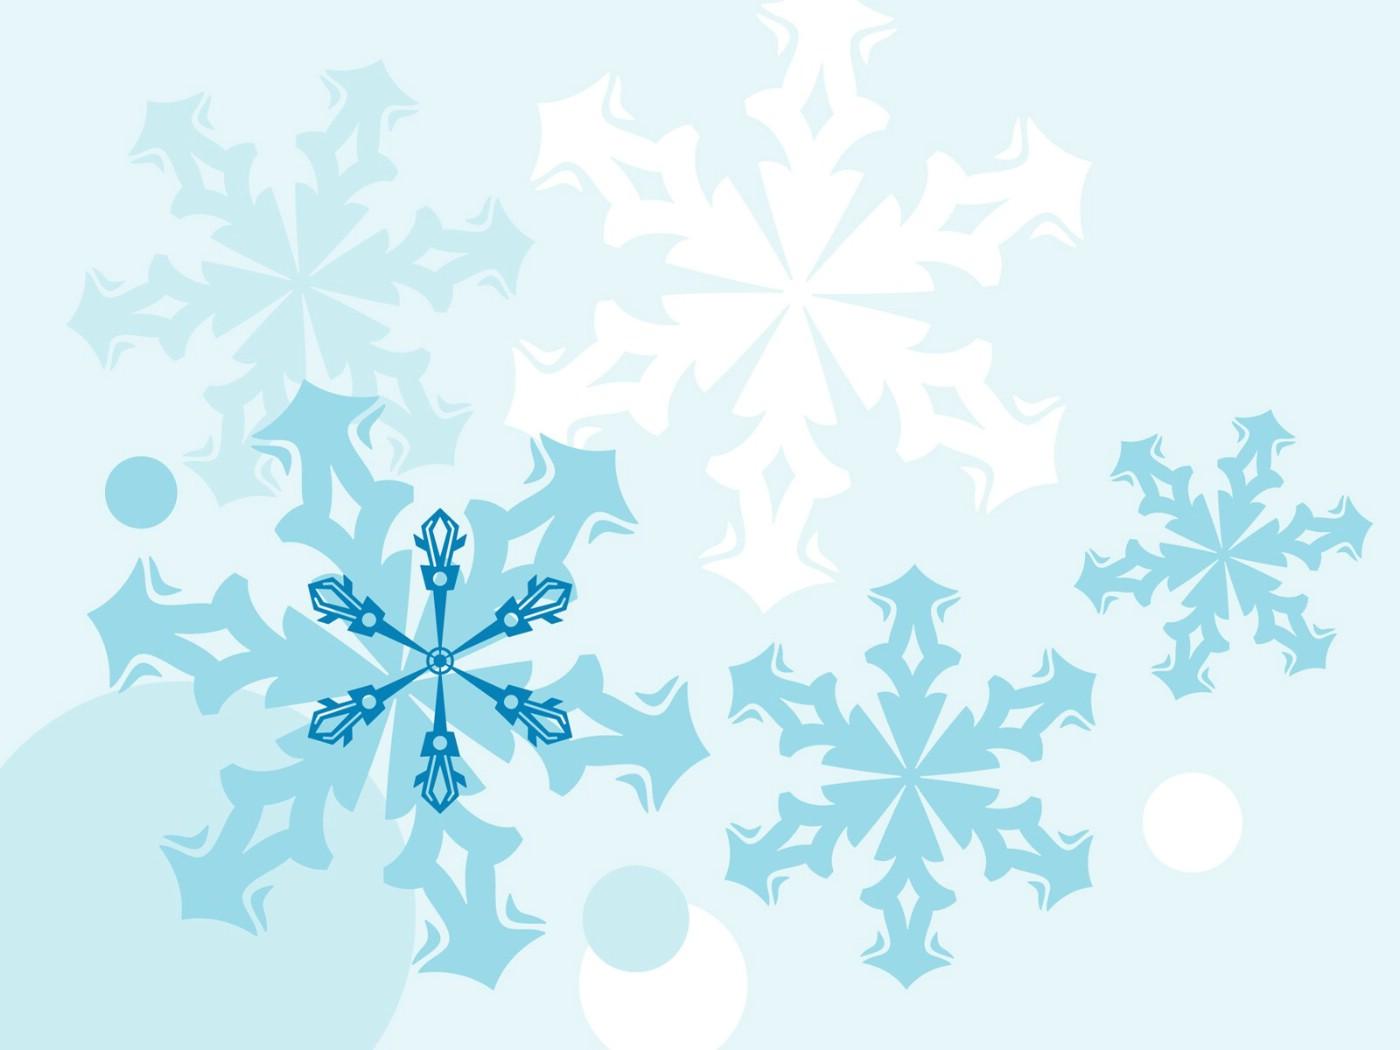 大图冬天雪景内容|大图冬天雪景版面设计 大图冬天雪景内容|大图冬天